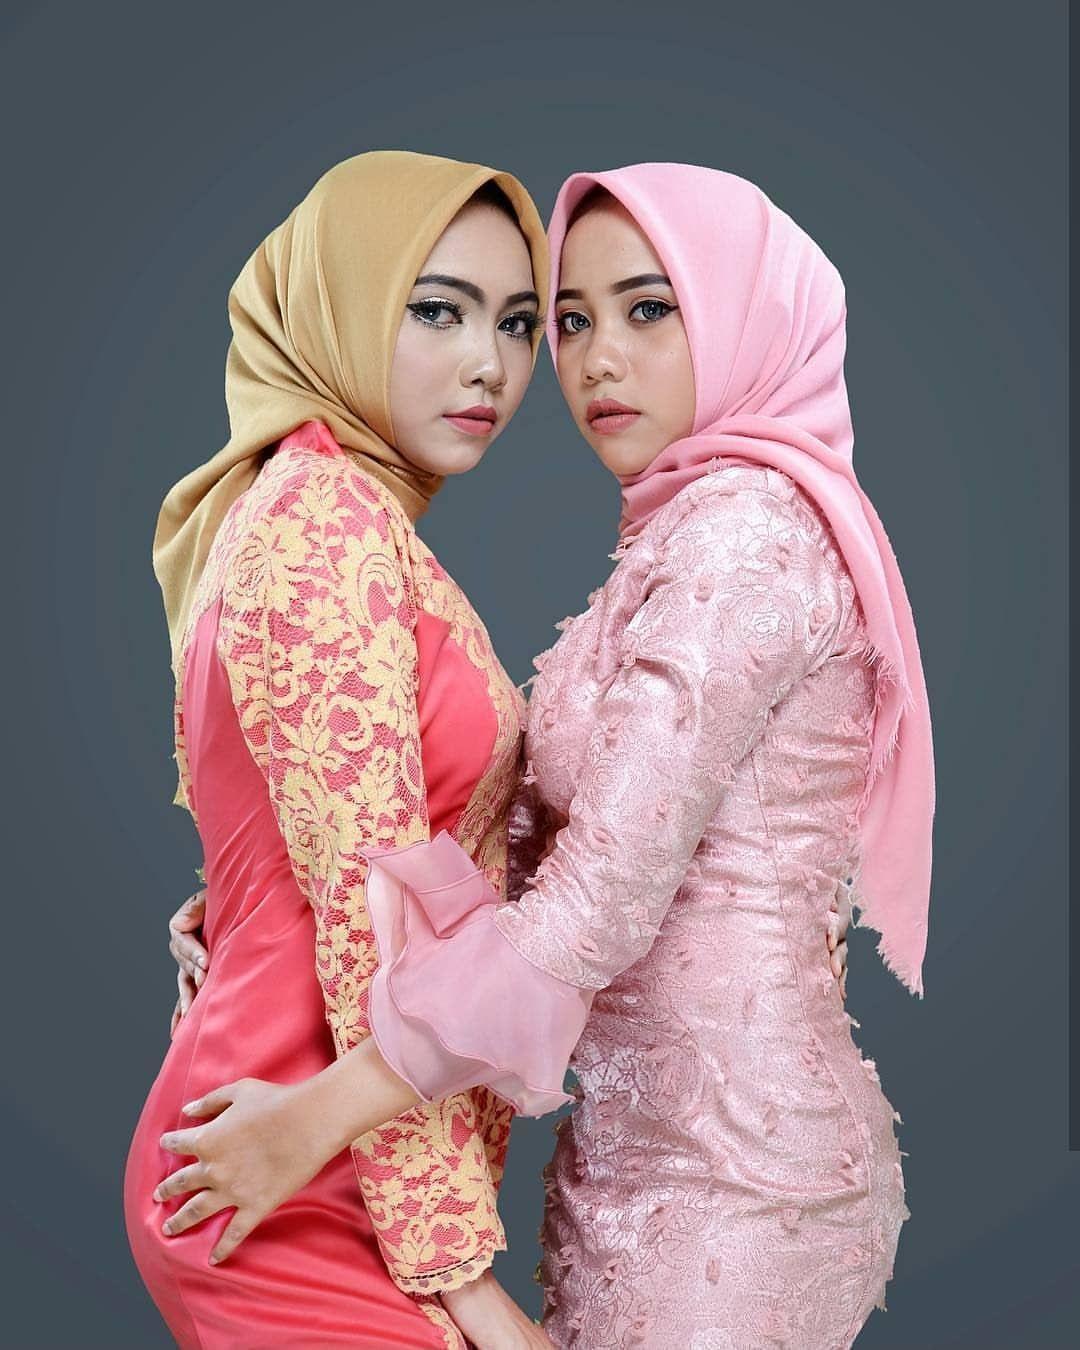 Lesbian Arab How To Kiss Cute Lesbian Kissing Each Other